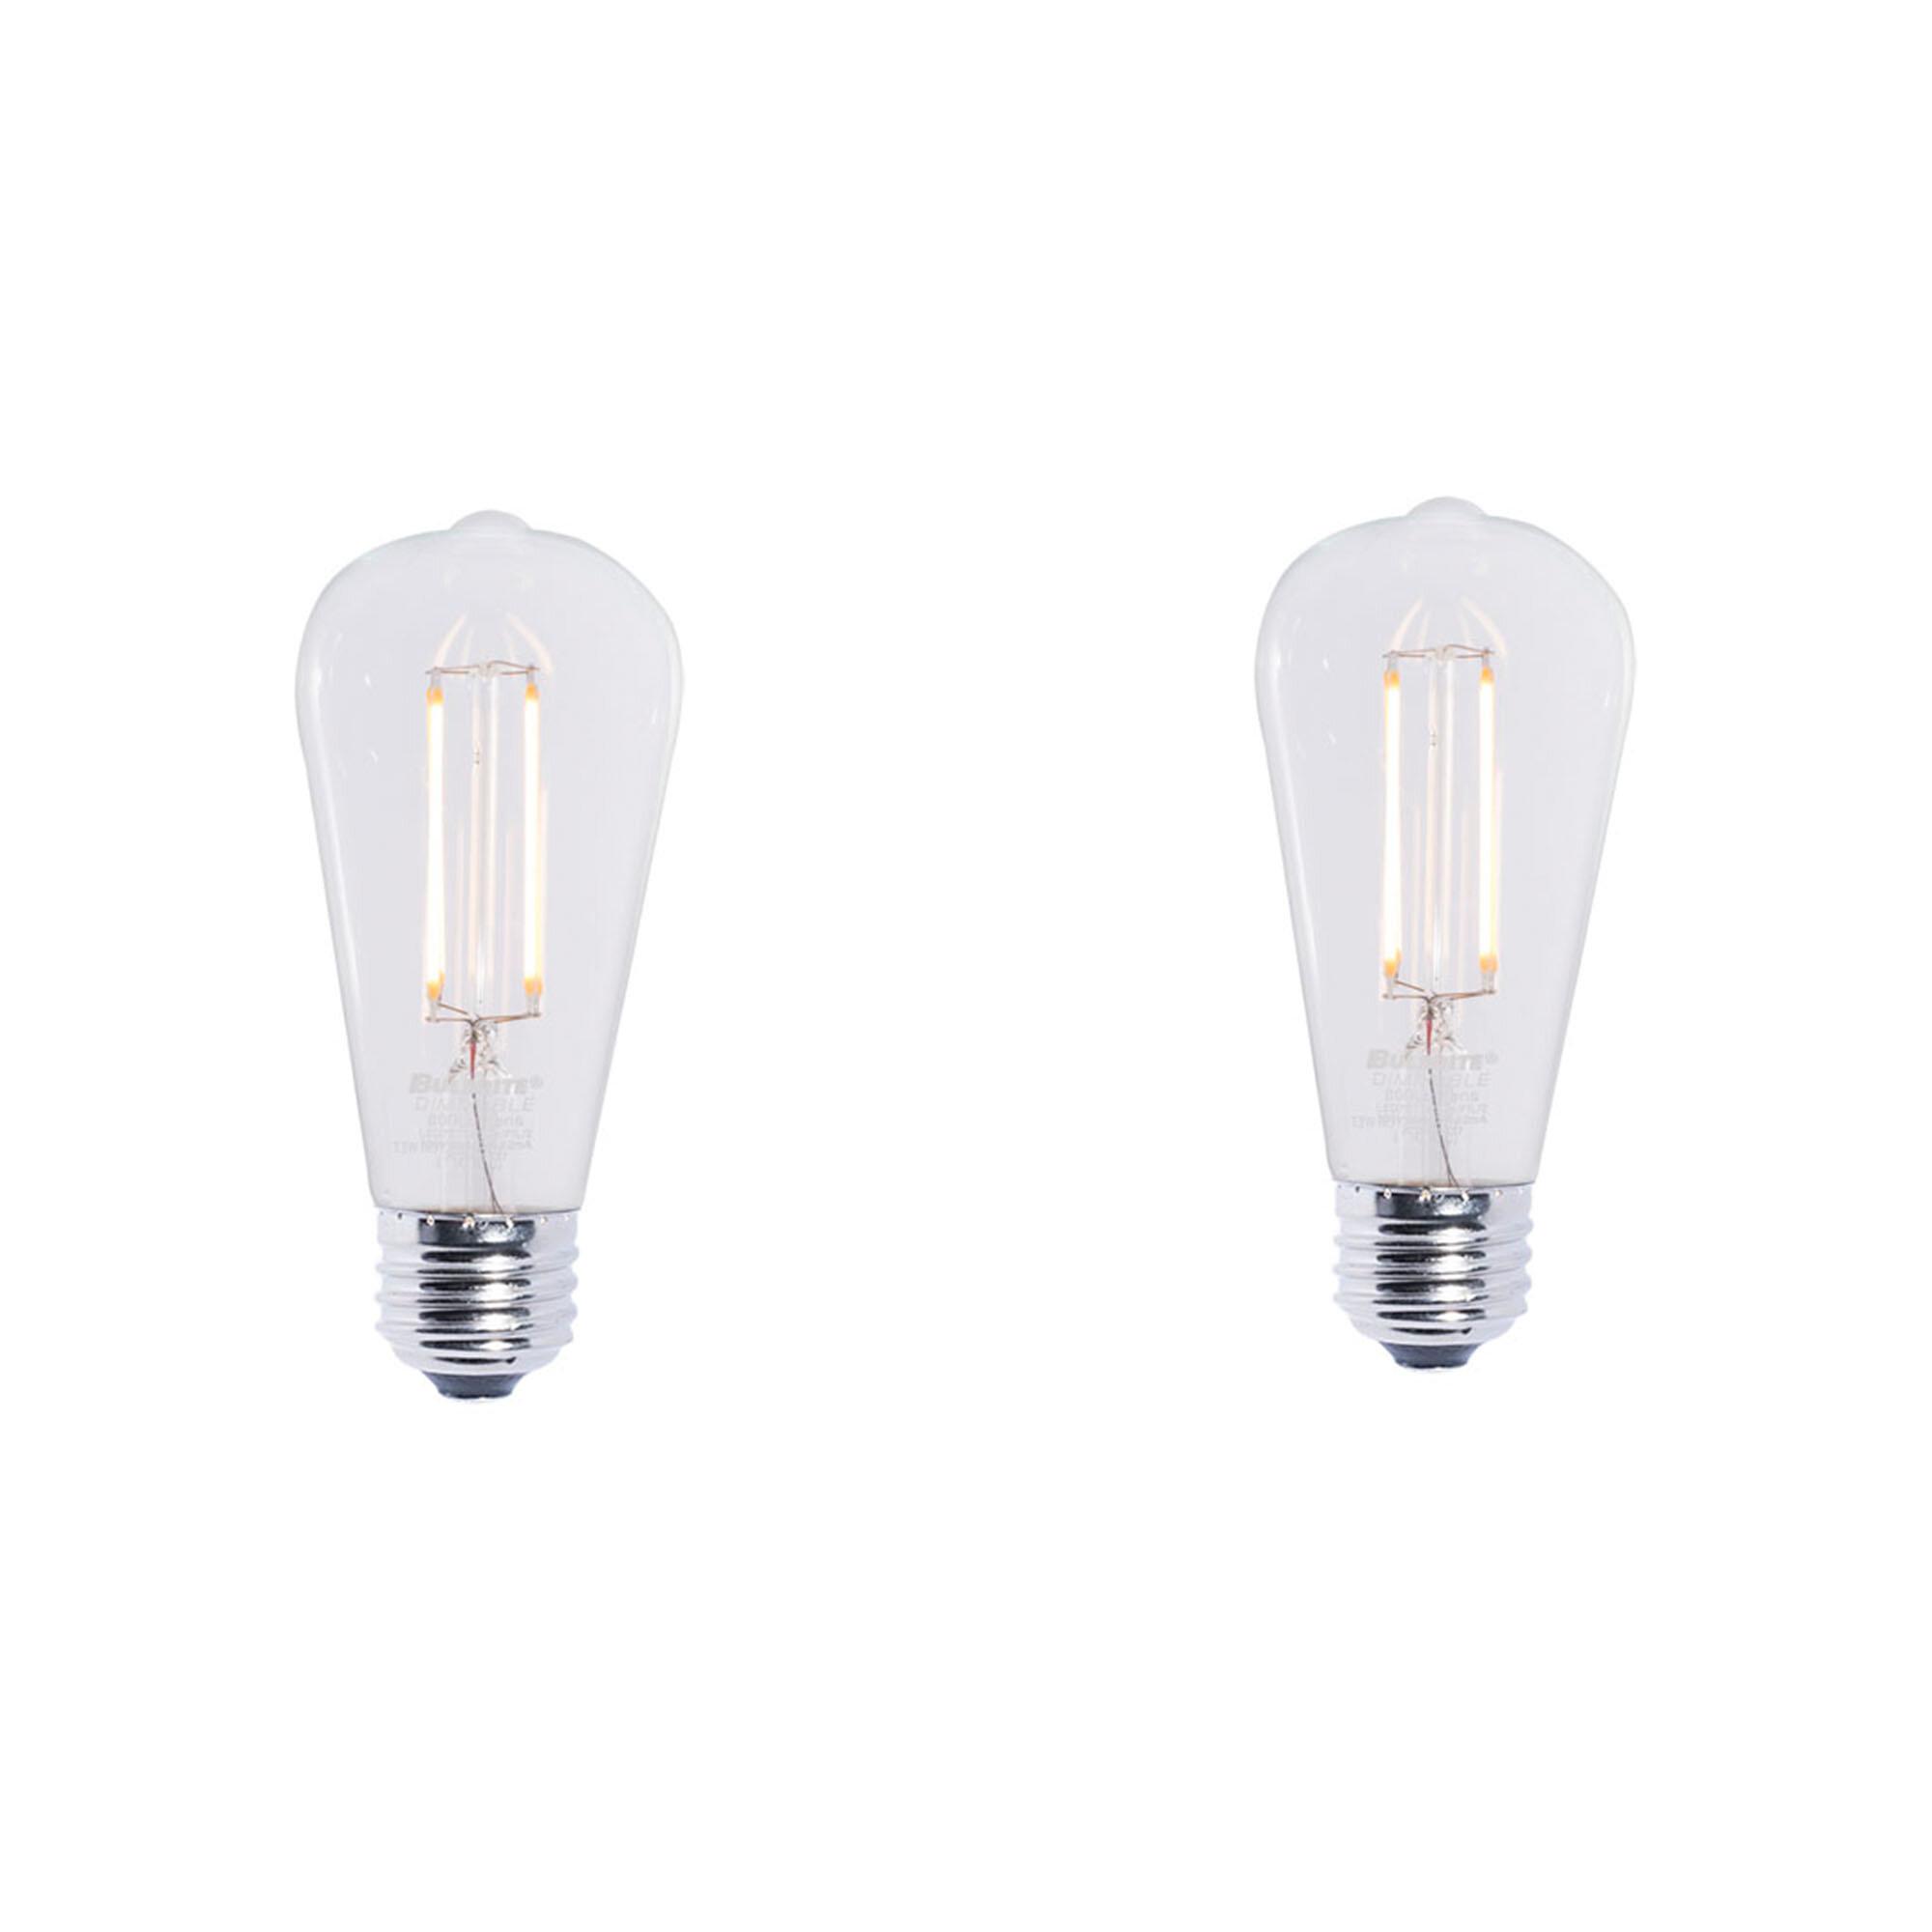 Dimmable Halogen Light Bulbs Gnubies Org